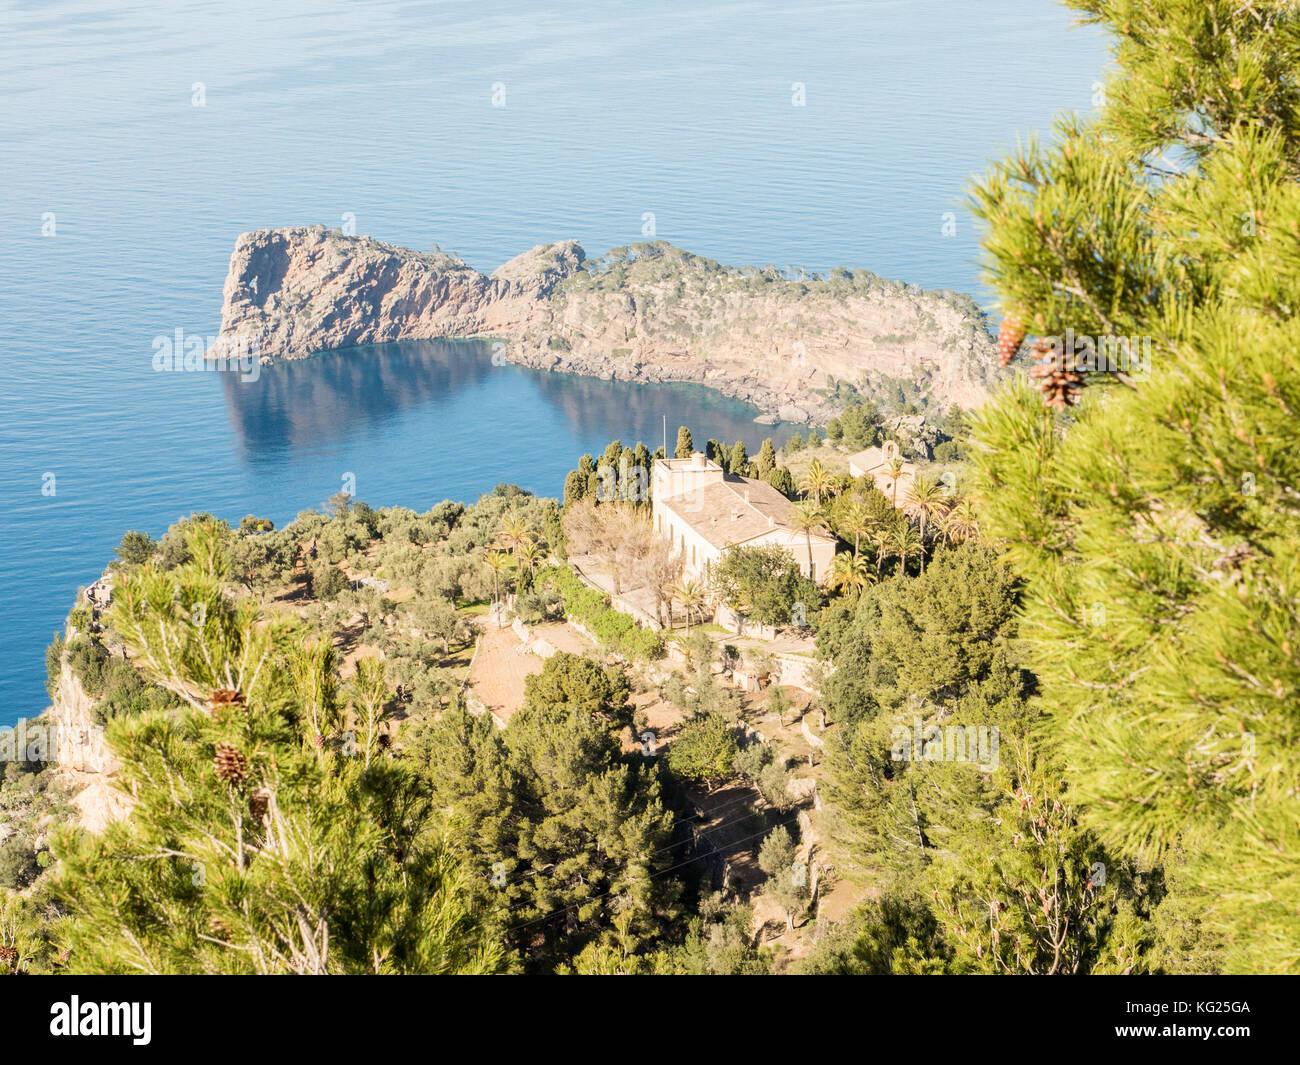 Costa cerca de valdemossa, Mallorca, Islas Baleares, España, Mediterráneo, Europa Imagen De Stock